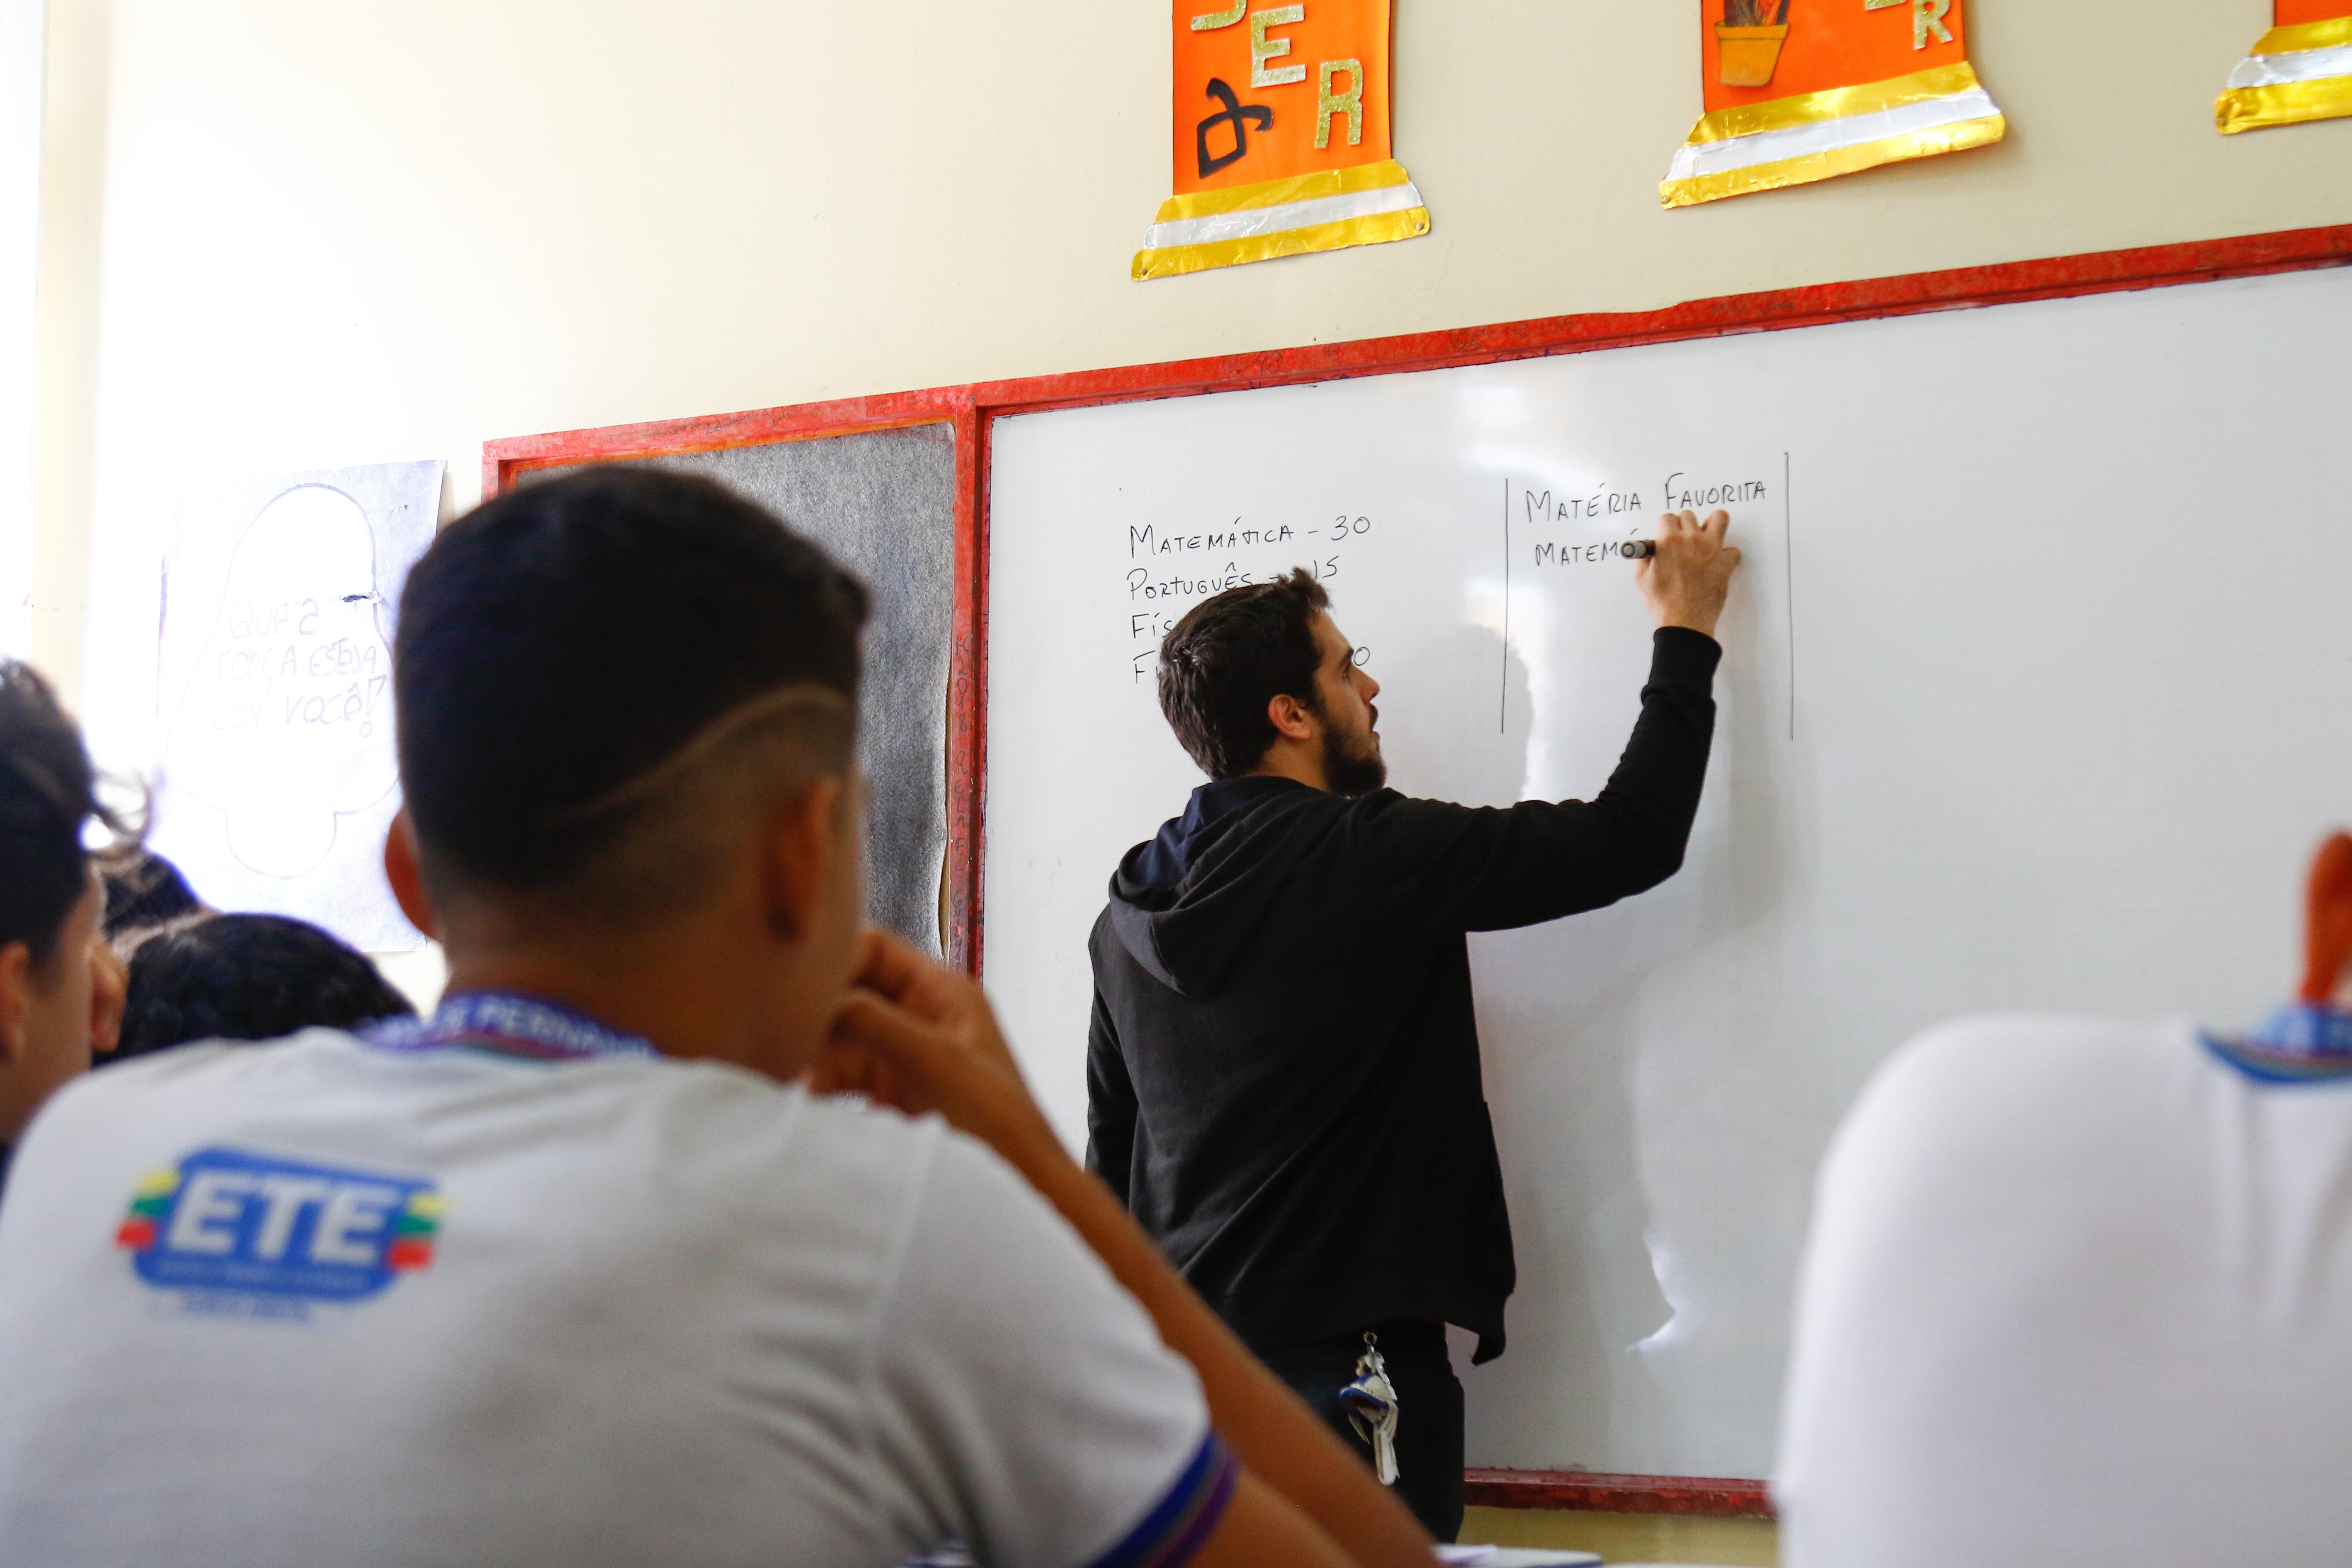 Principal pesquisa estatística sobre a educação básica, o Censo Escolar é coordenado pelo Inep. Foto: Marlon Diego/Esp.DP.